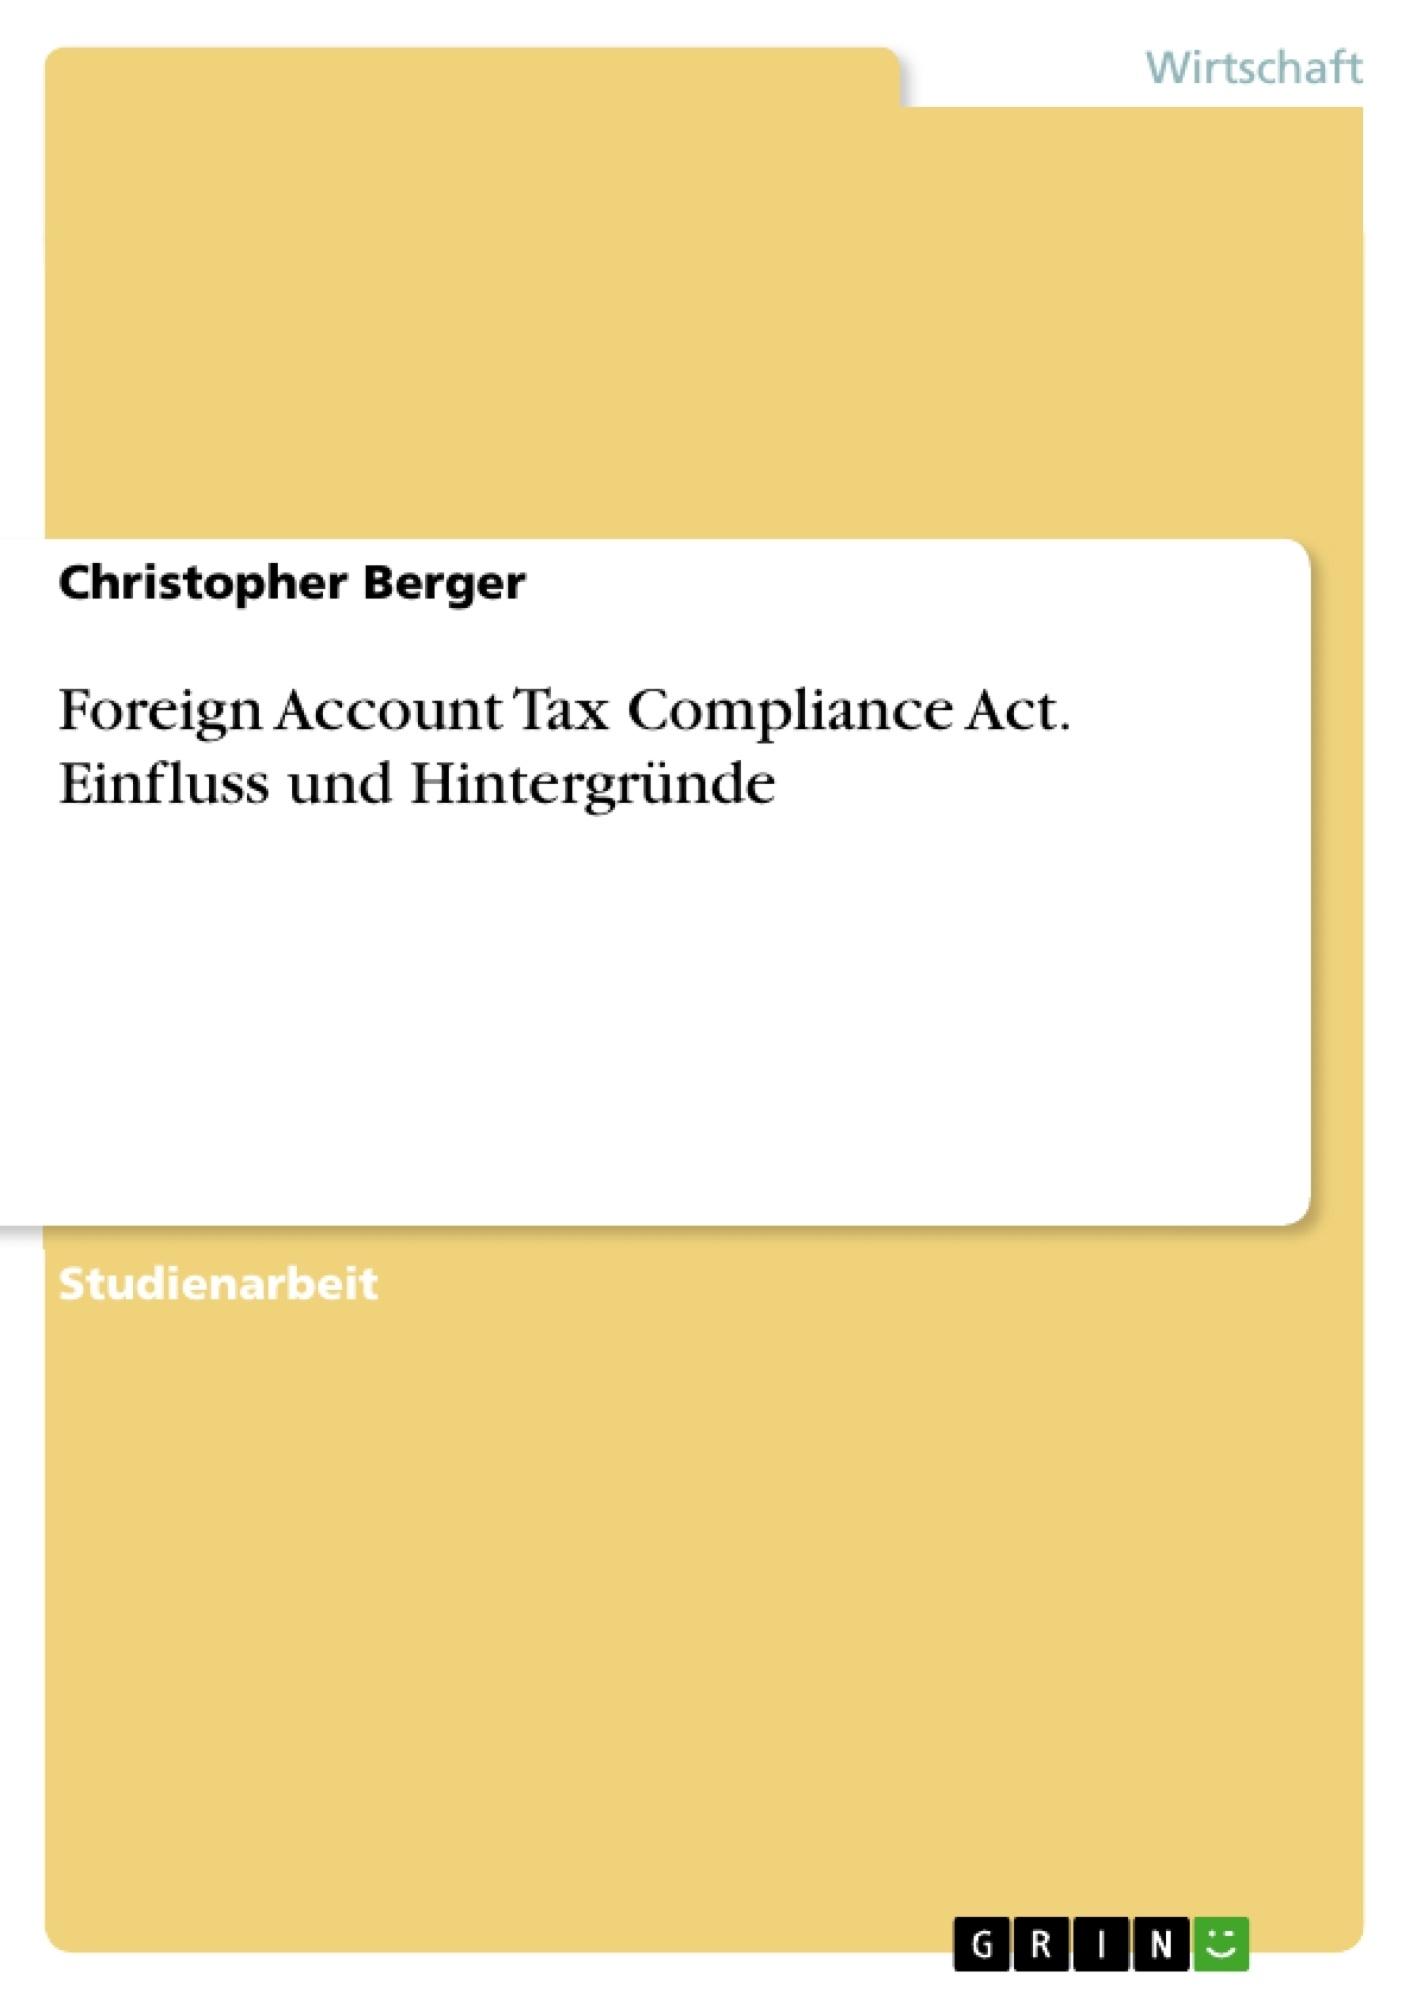 Titel: Foreign Account Tax Compliance Act. Einfluss und Hintergründe